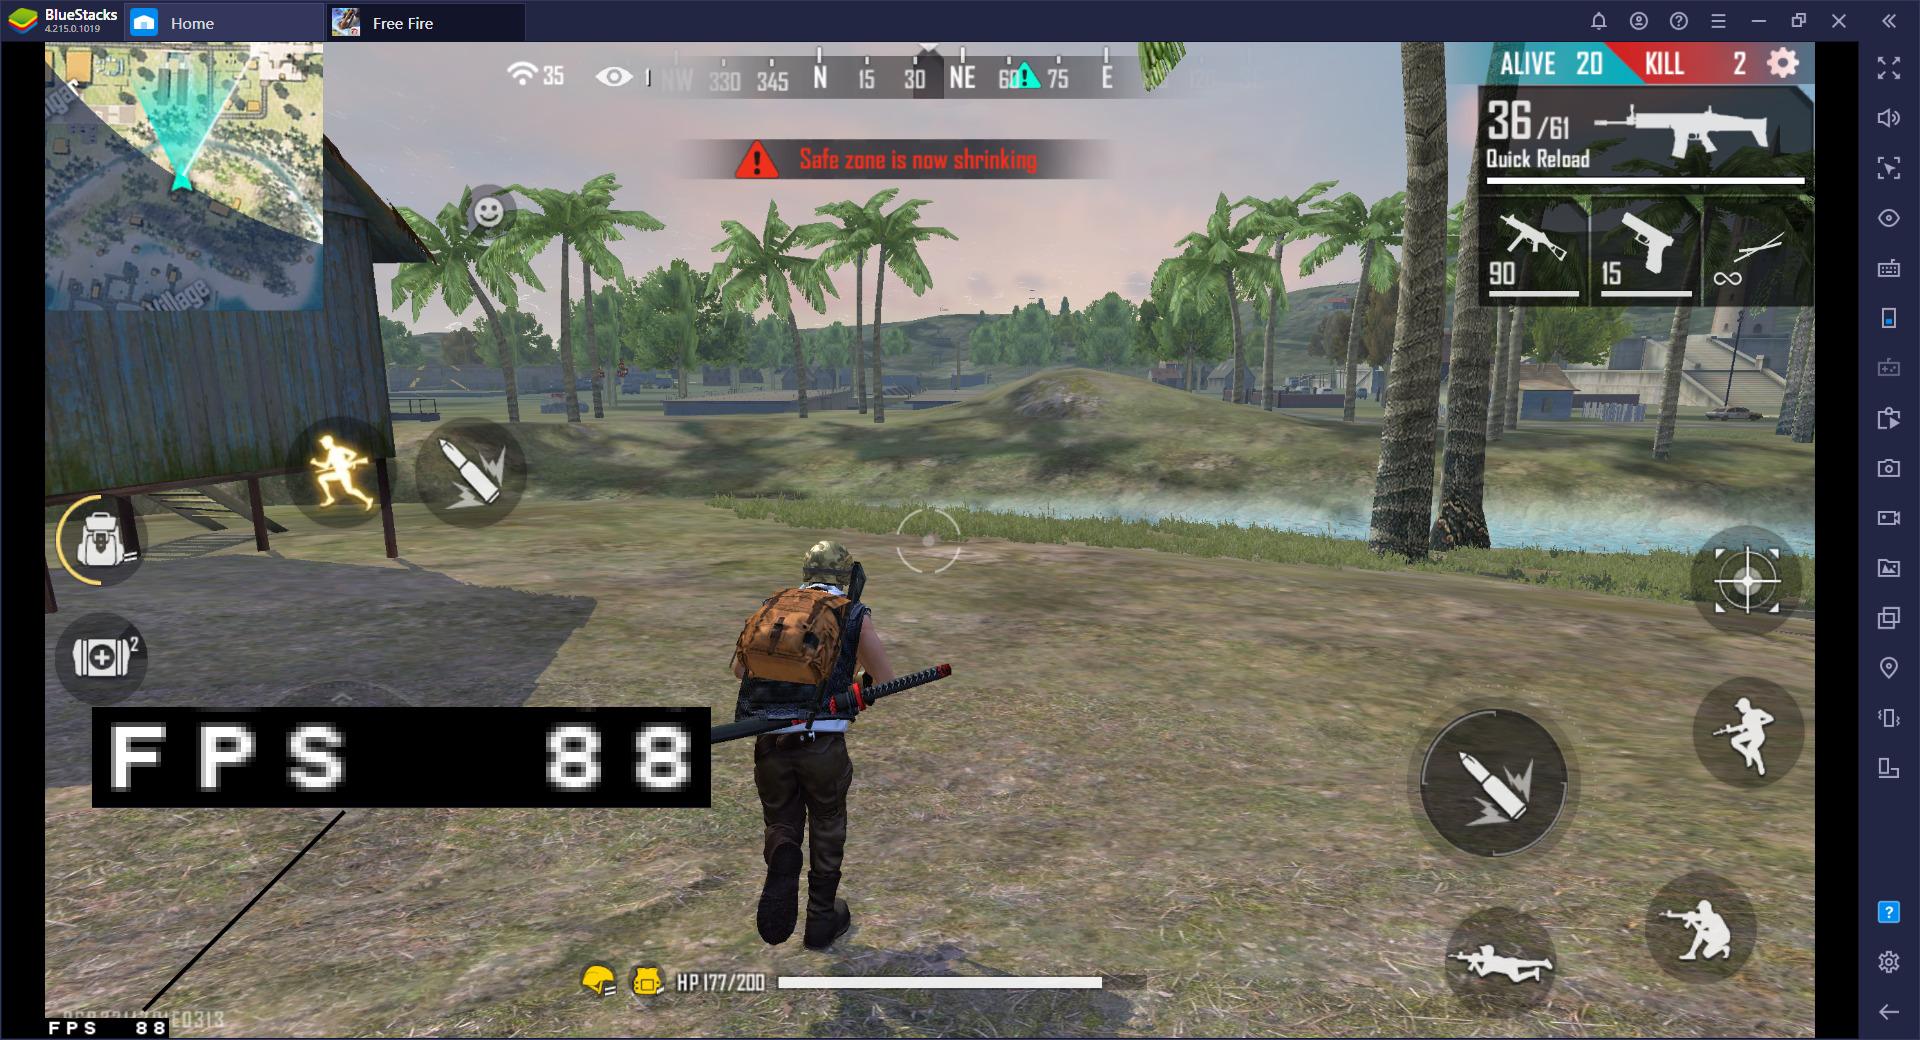 Nouvelle mise à jour pour jouer à Free Fire sur BlueStacks en 90 FPS